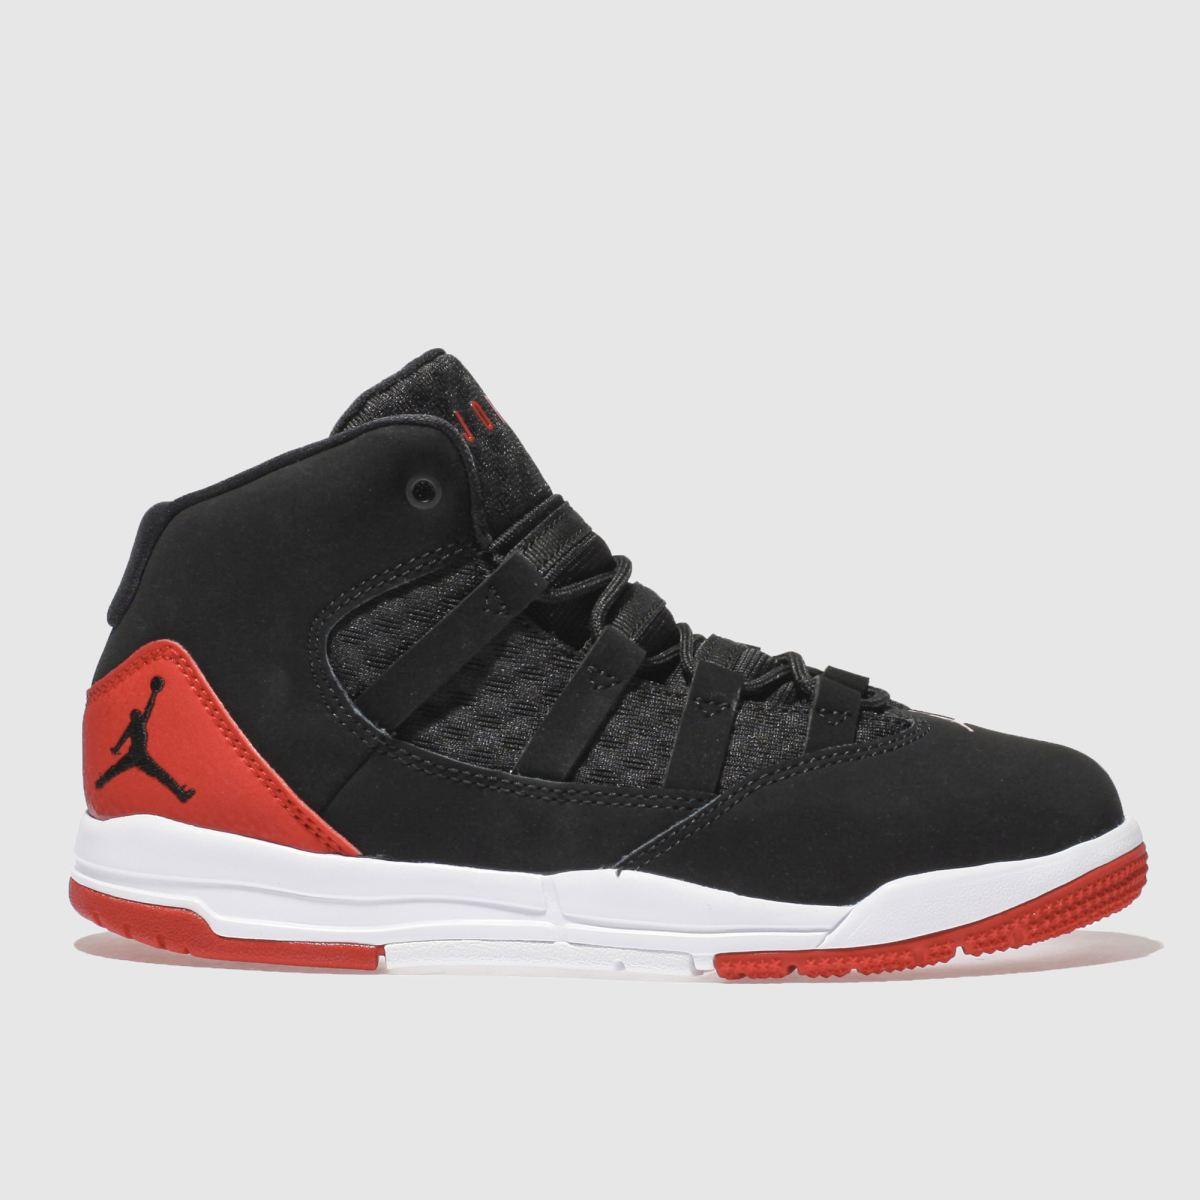 Nike Jordan Black & Red Jordan Max Aura Trainers Junior